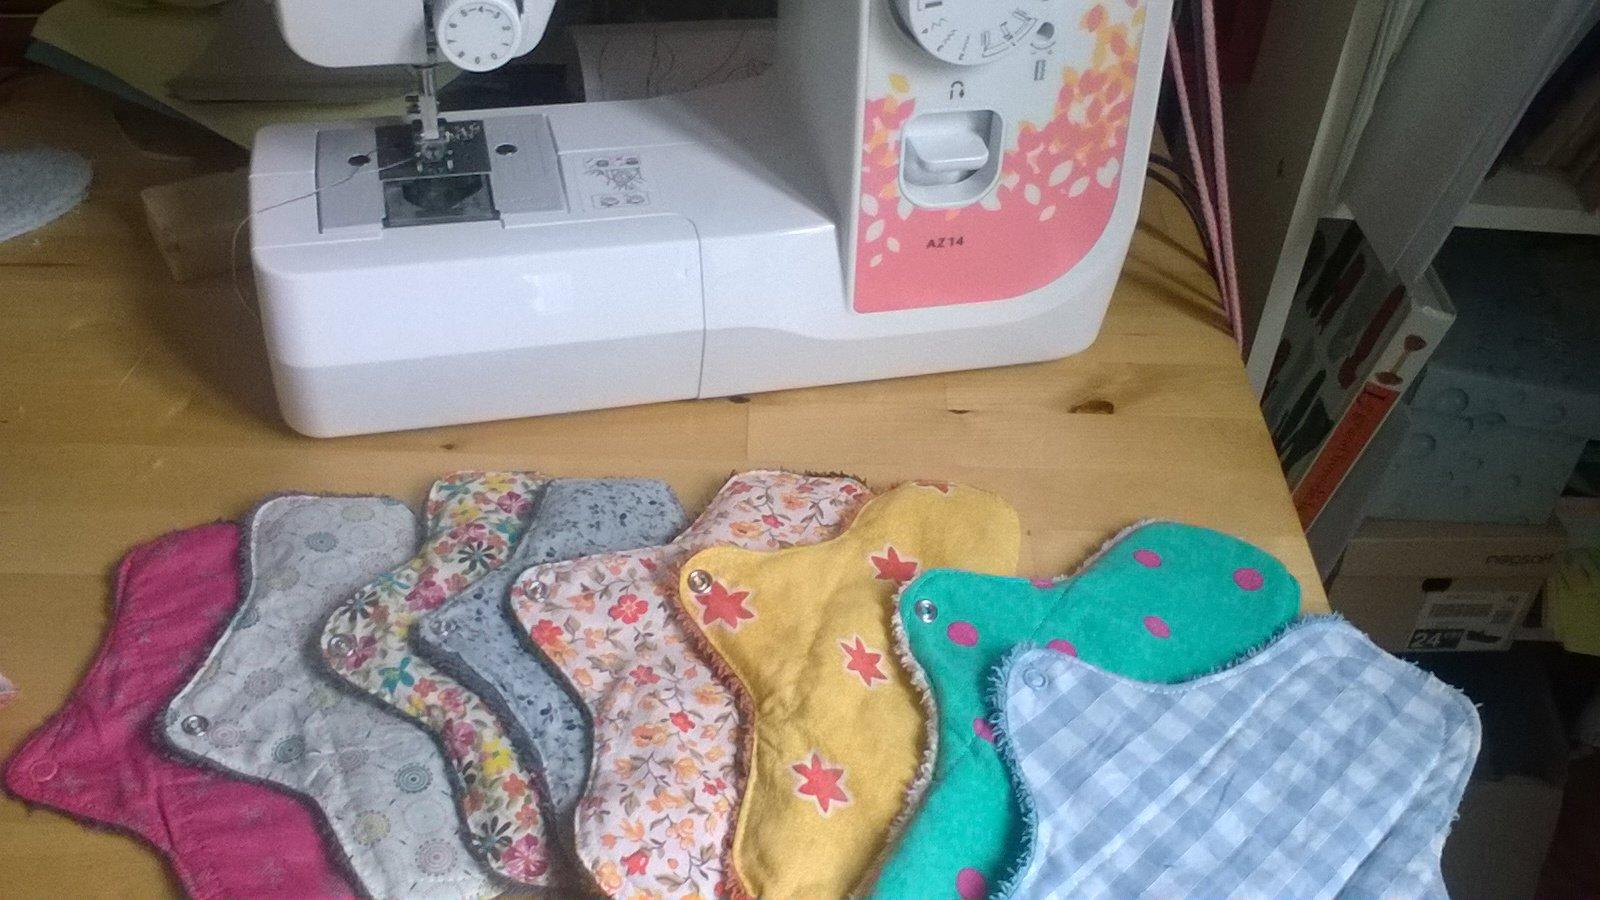 Suivez le fil - Atelier fabrication de serviettes hygièniques lavables spécial ados